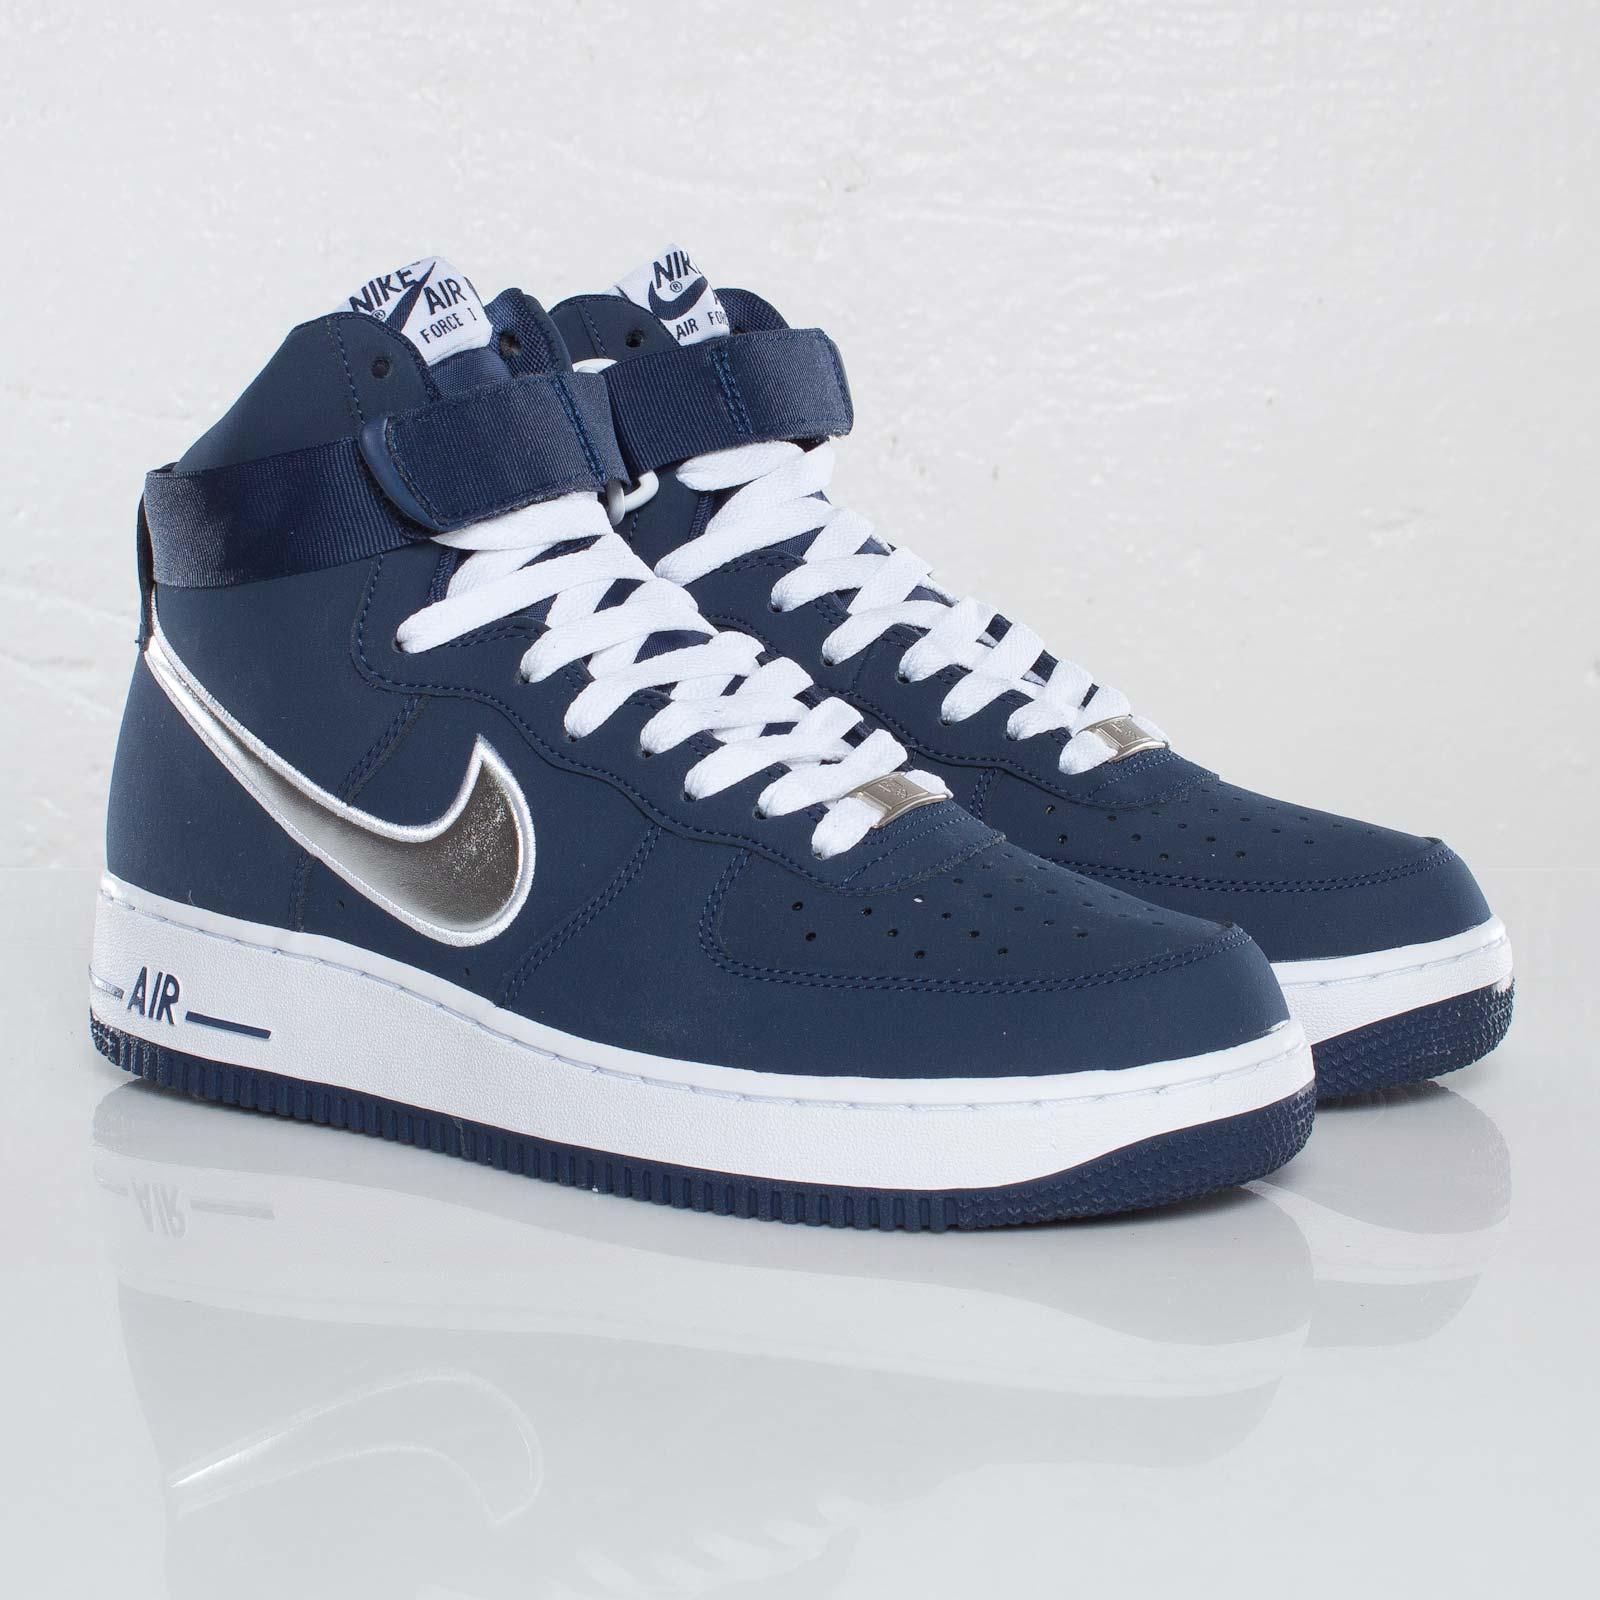 promo code 10609 2c259 Nike Air Force 1 High ´07